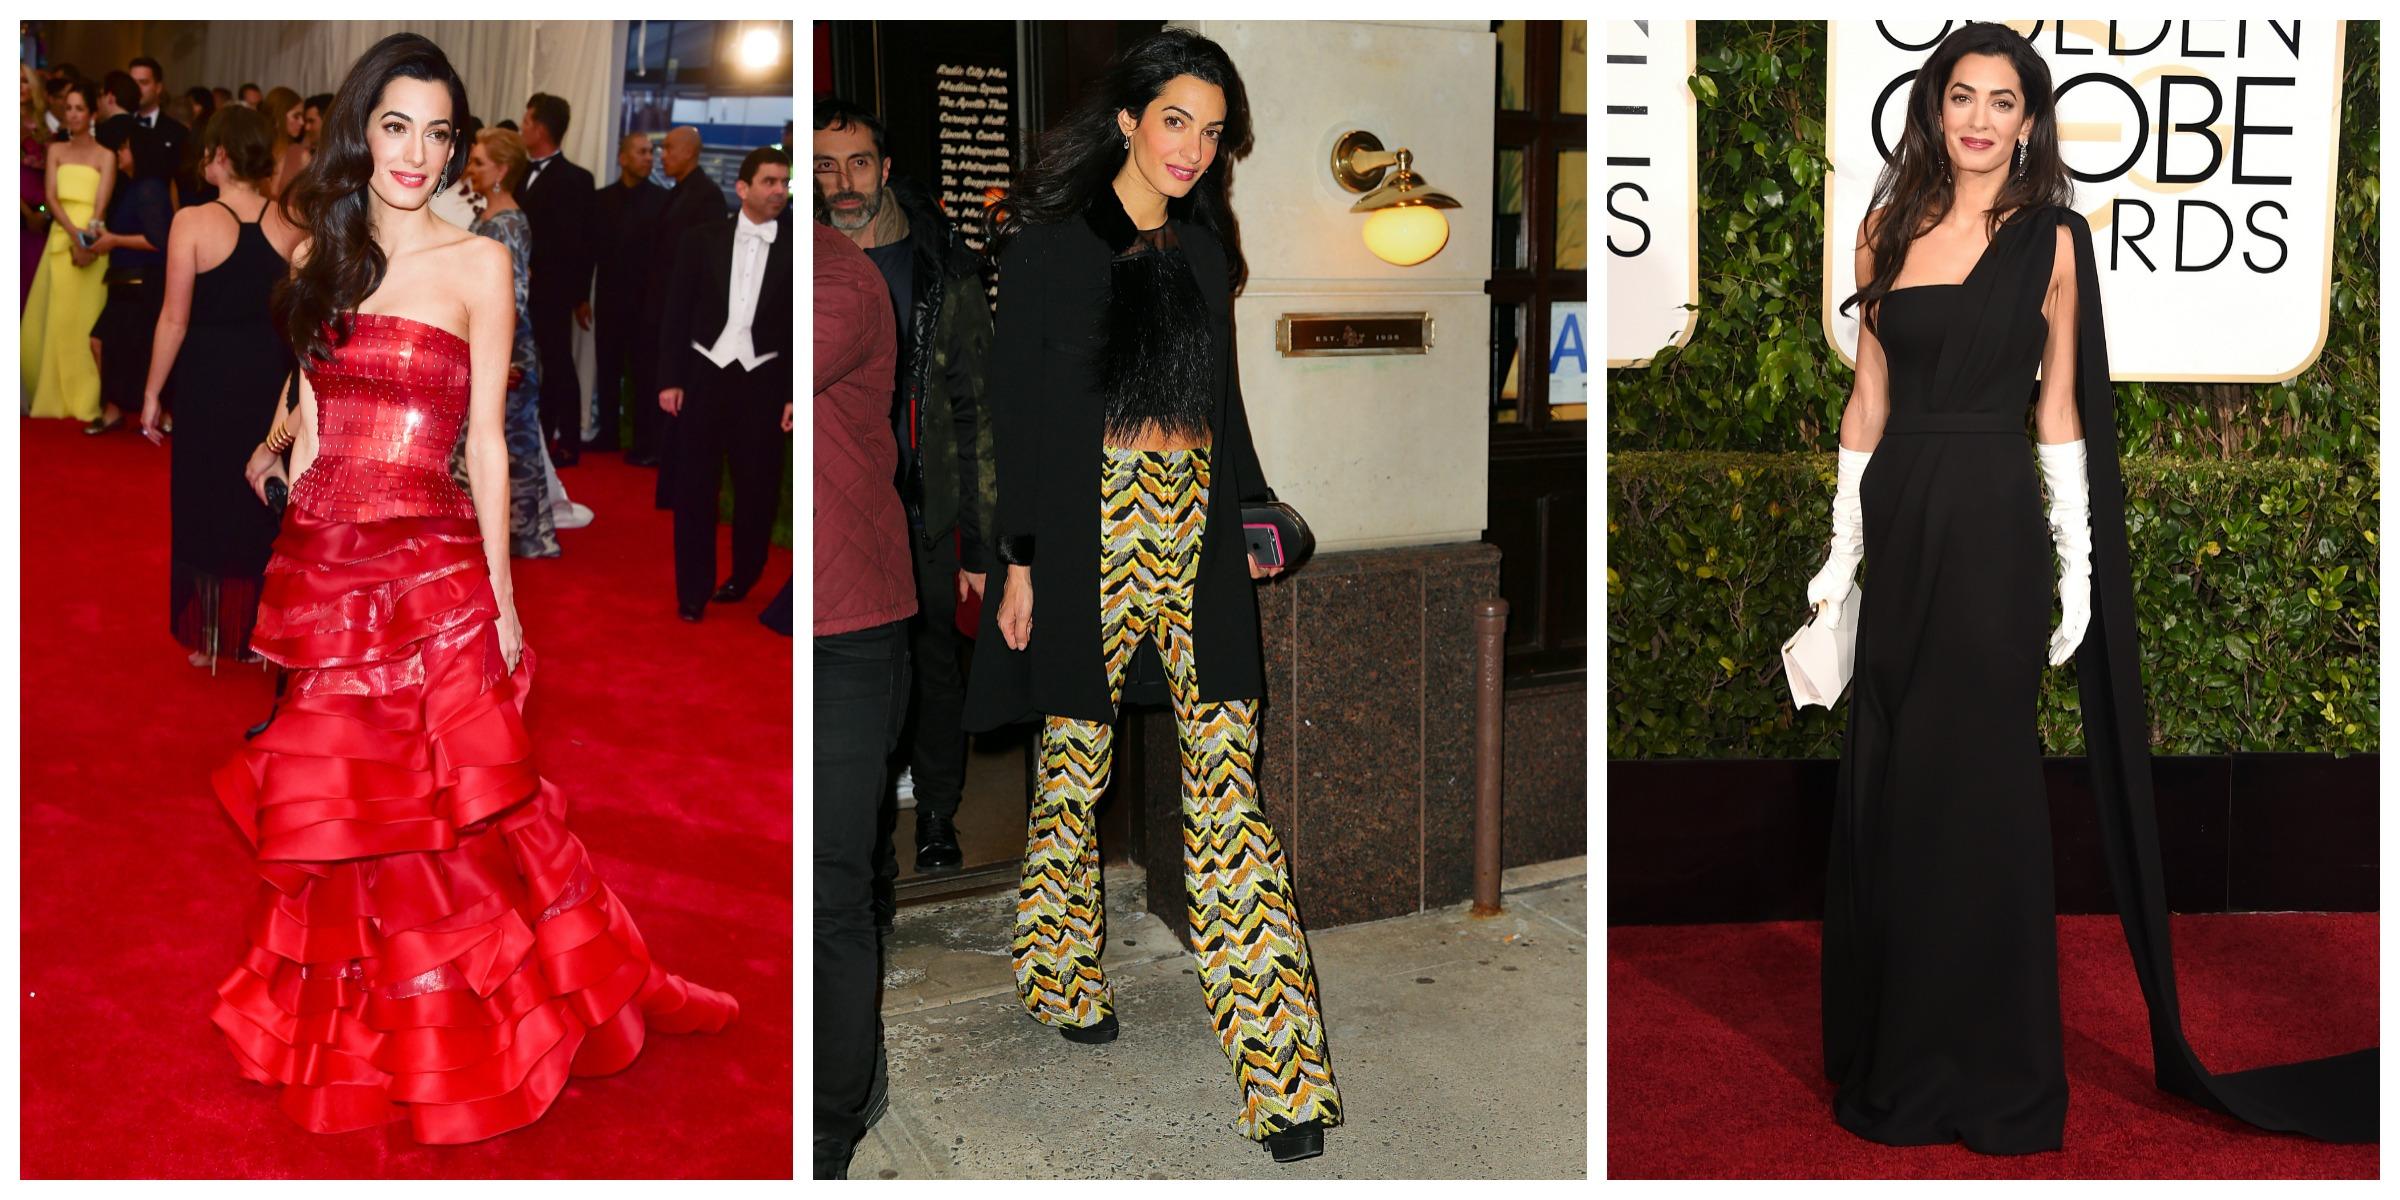 Amal Clooney year of fashion 2015